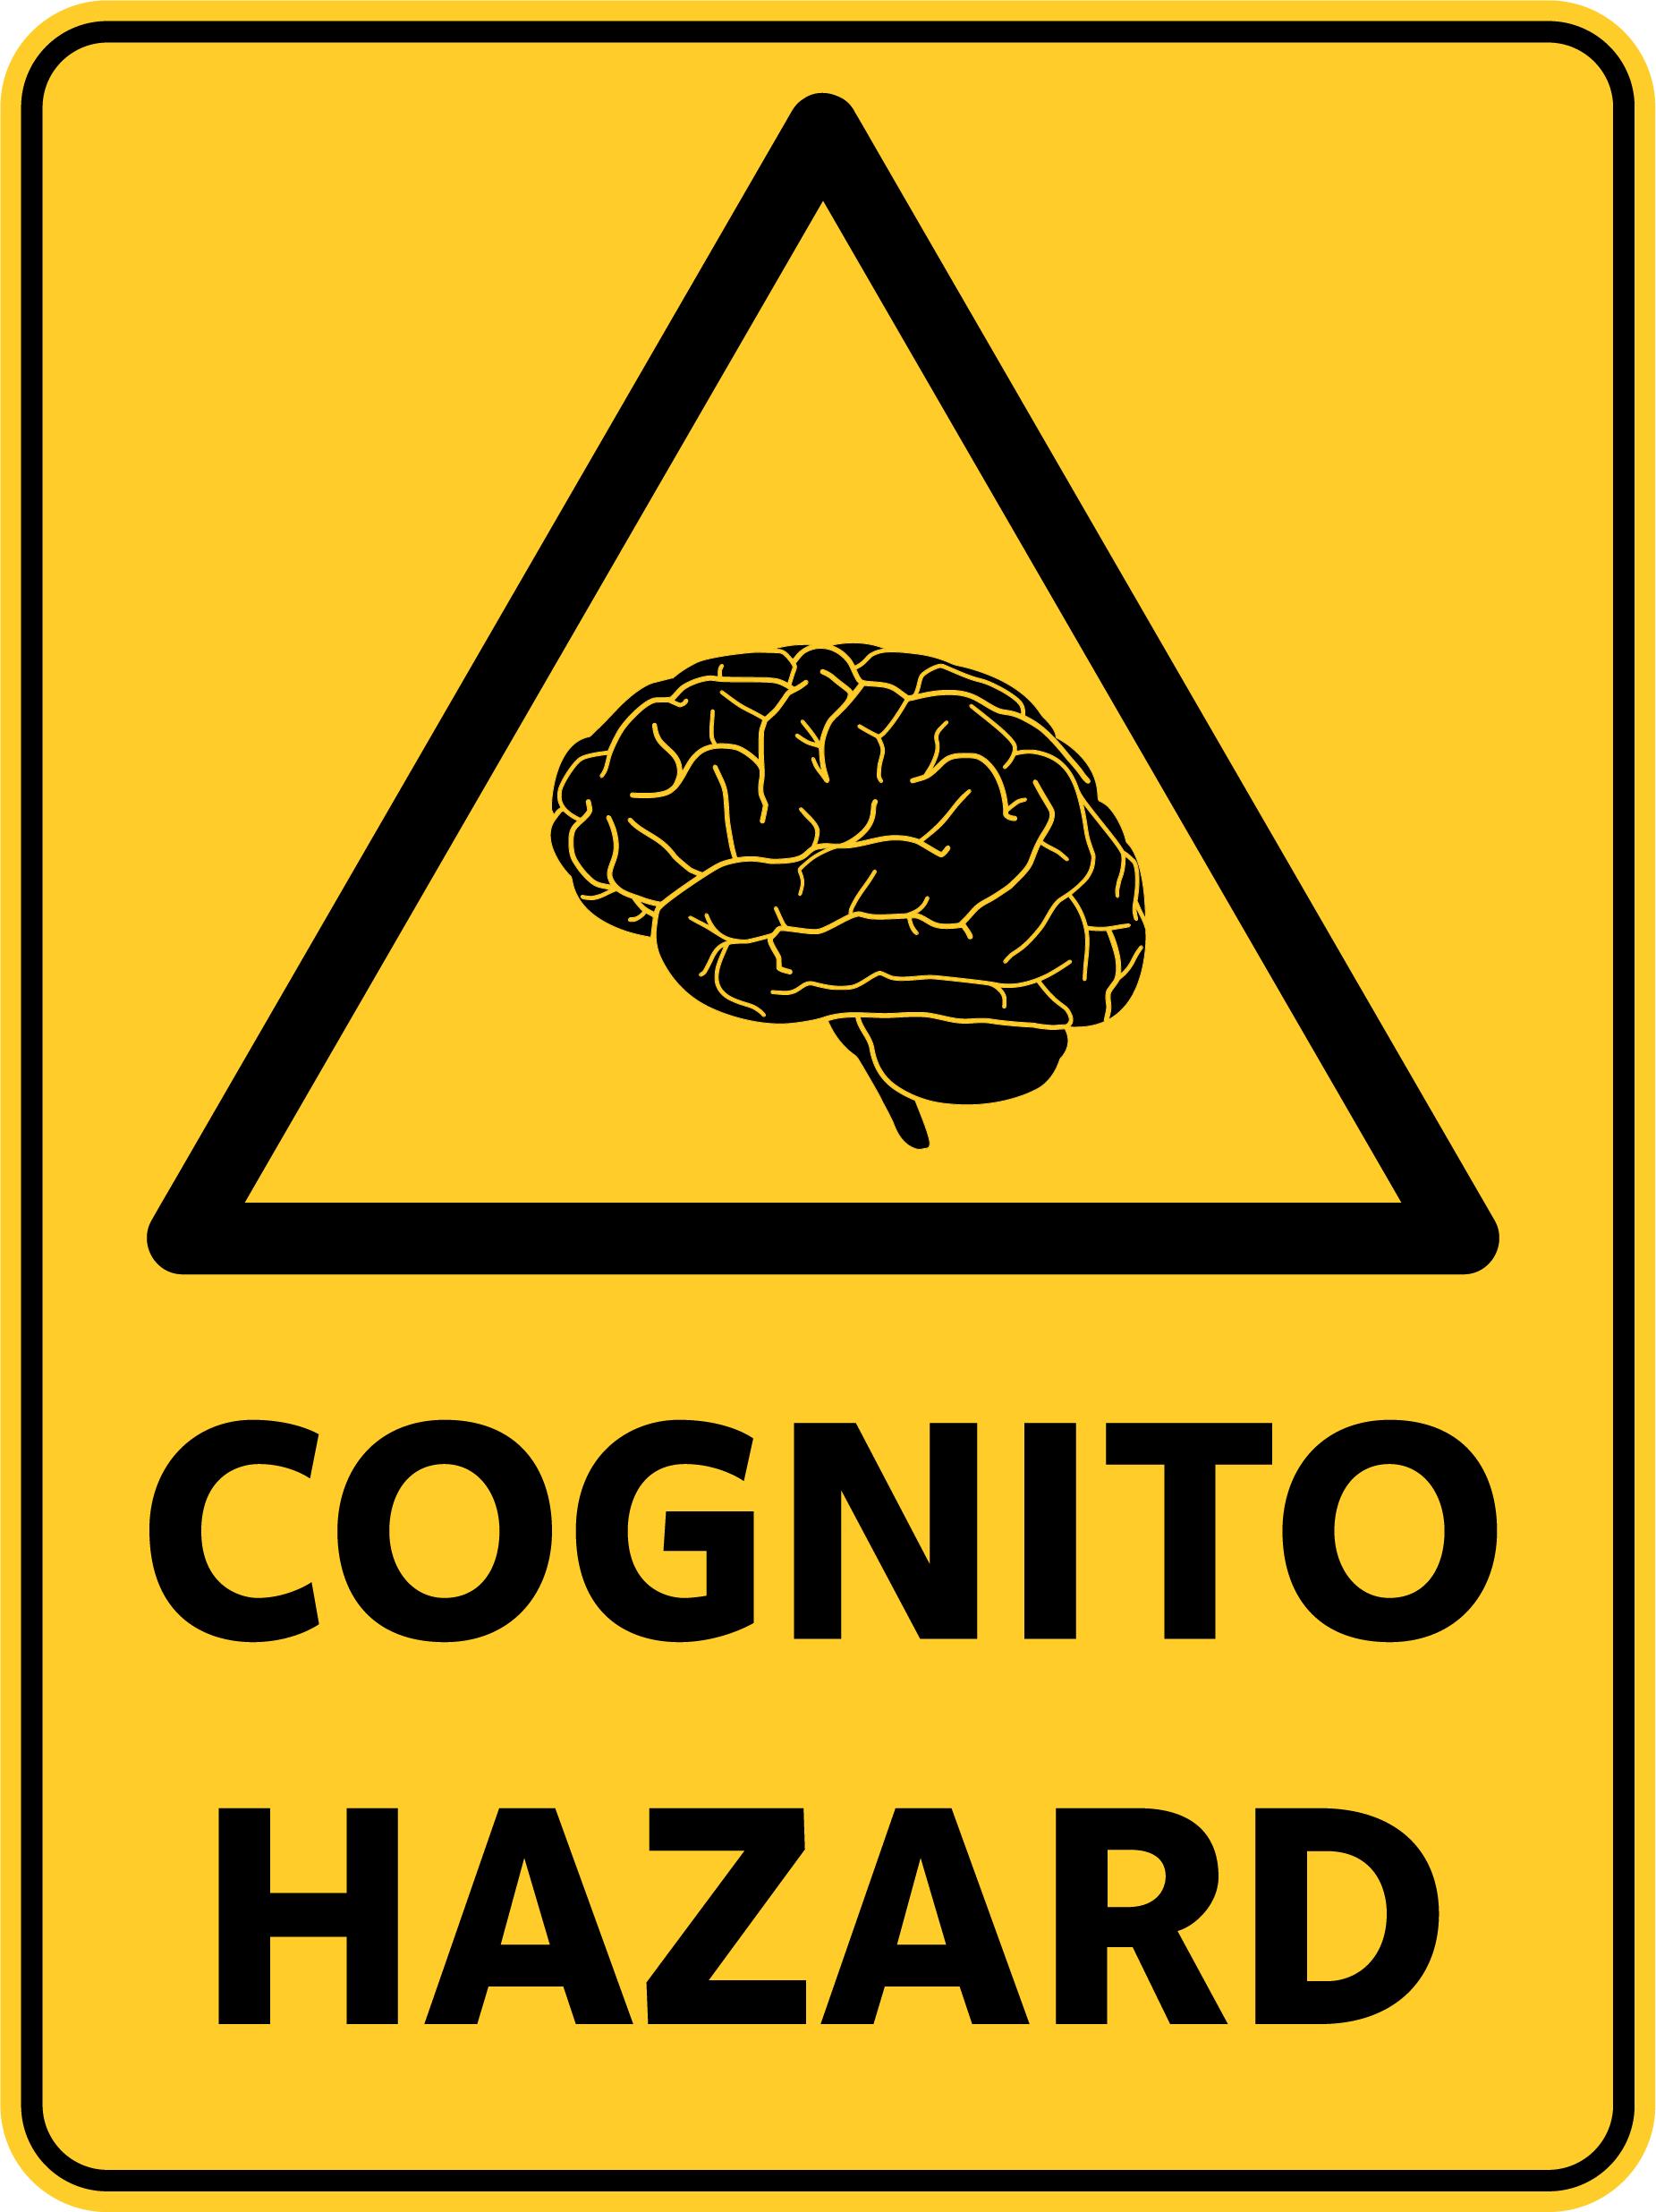 Cognito%20hazard.png